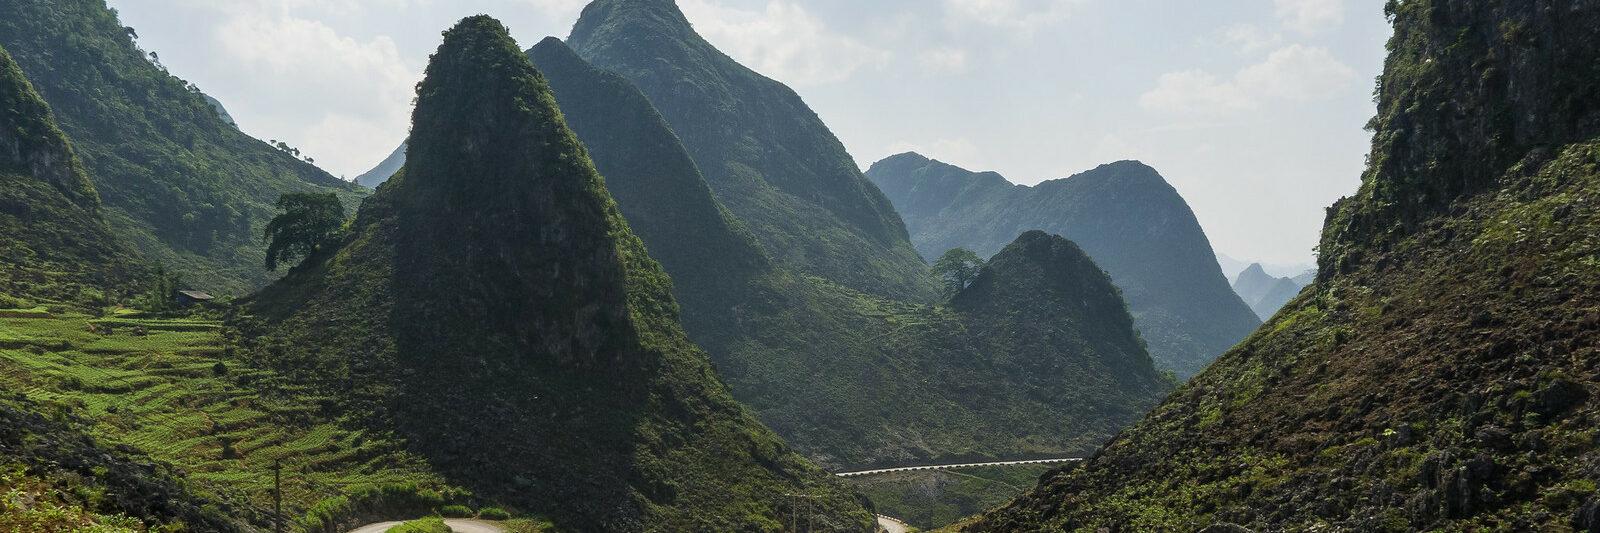 Mountain Pass in Meo Vac Vietnam